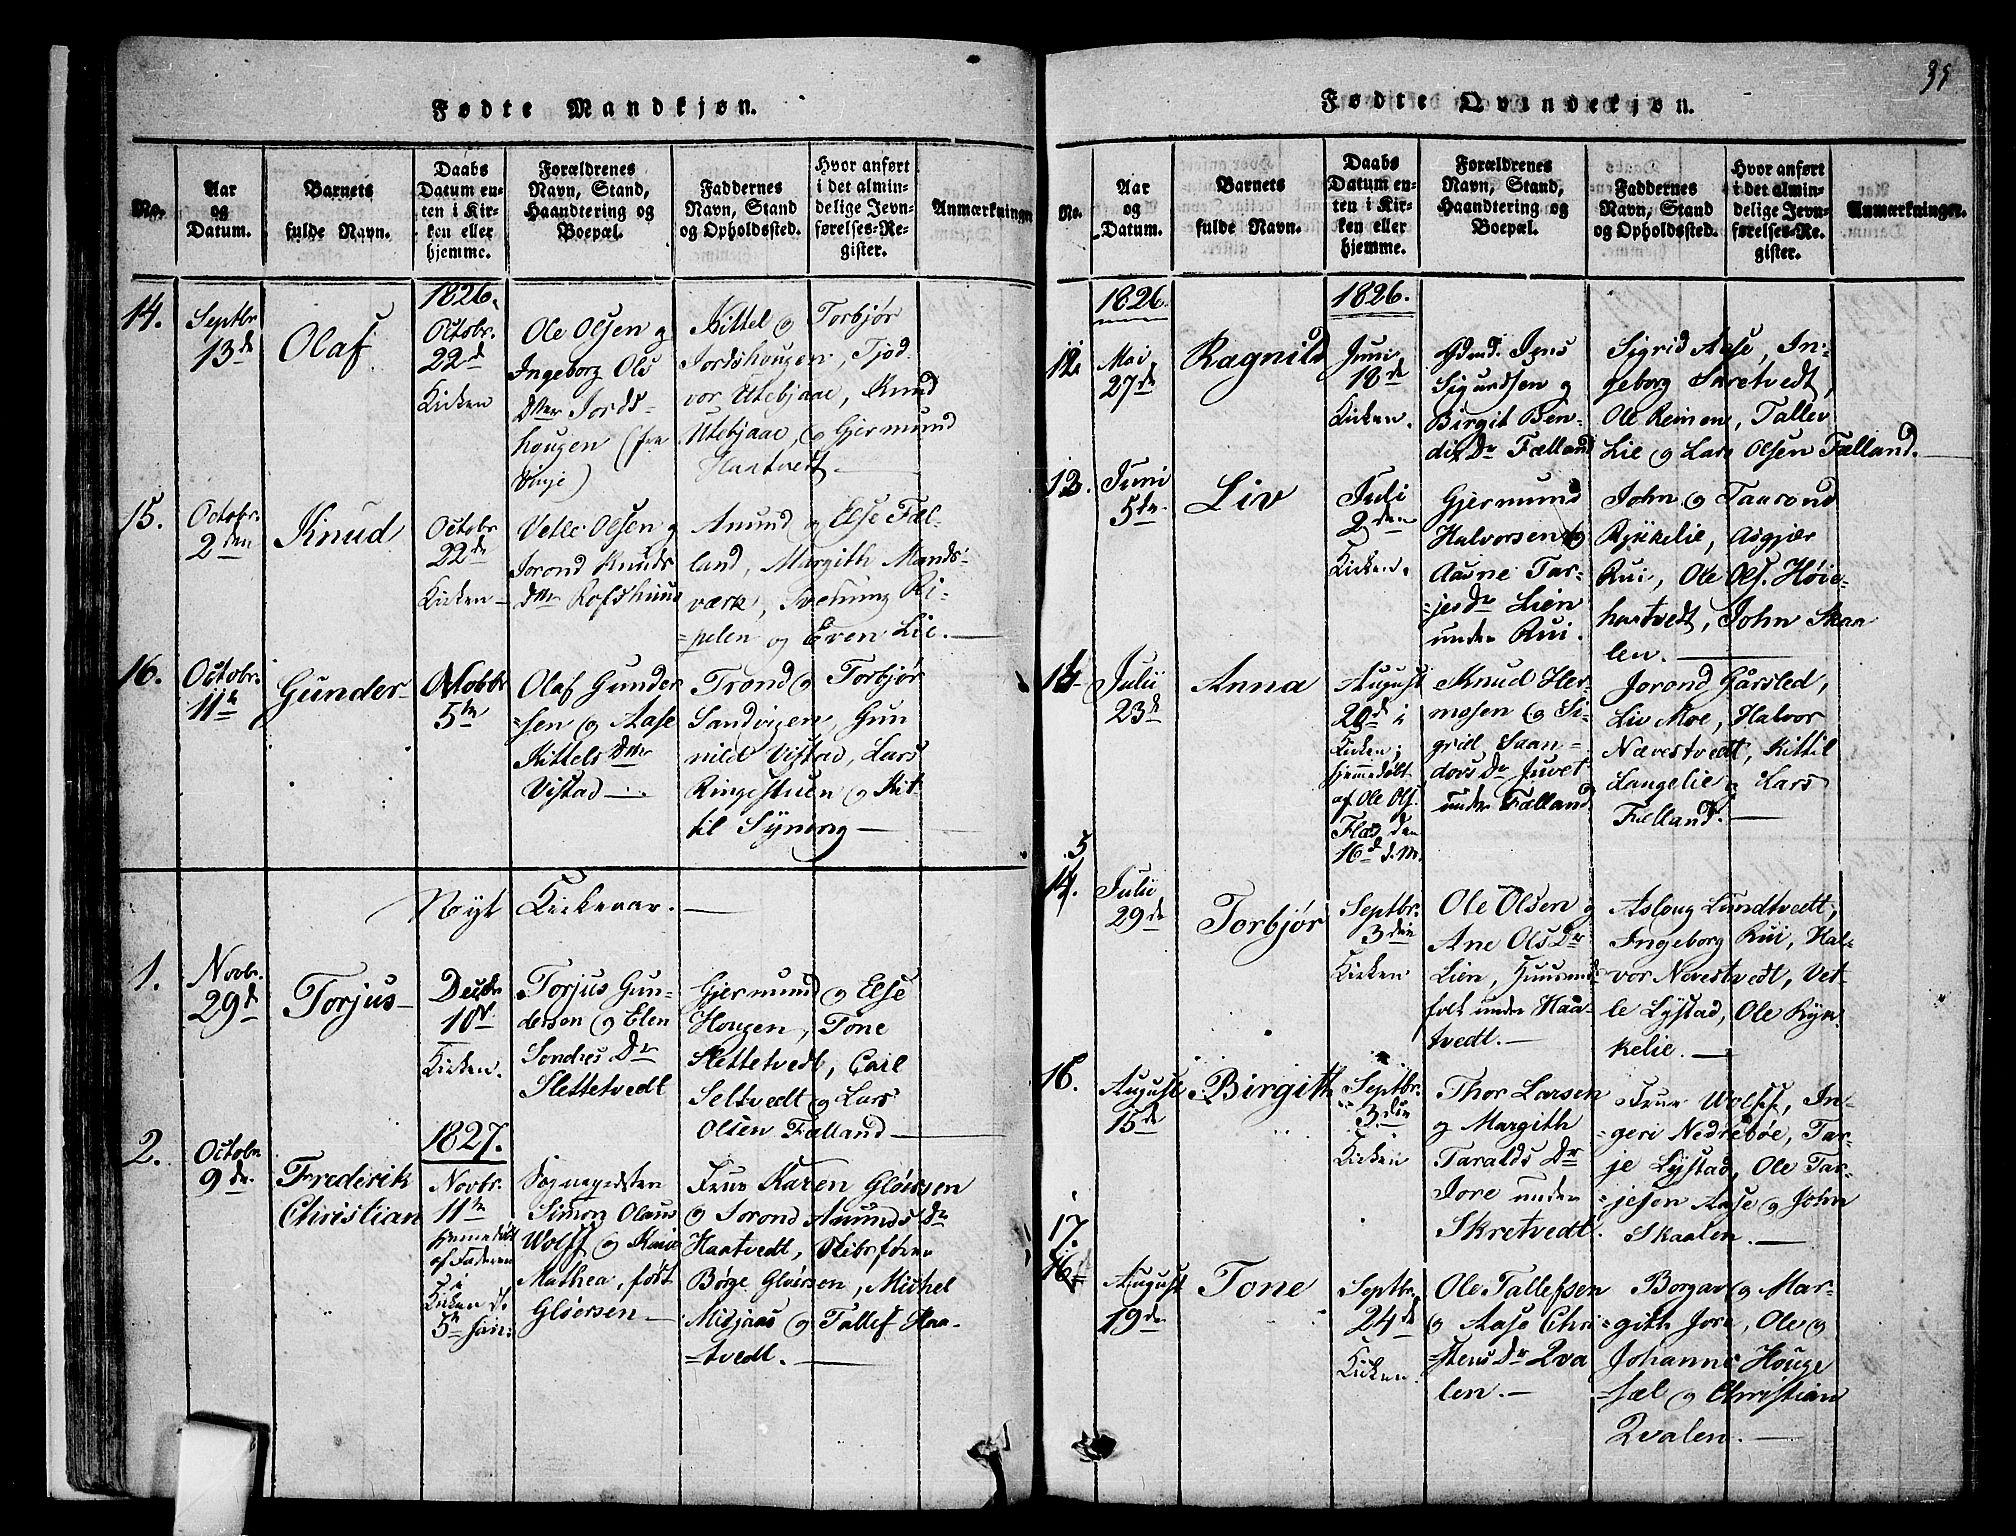 SAKO, Mo kirkebøker, F/Fa/L0004: Ministerialbok nr. I 4, 1814-1844, s. 35